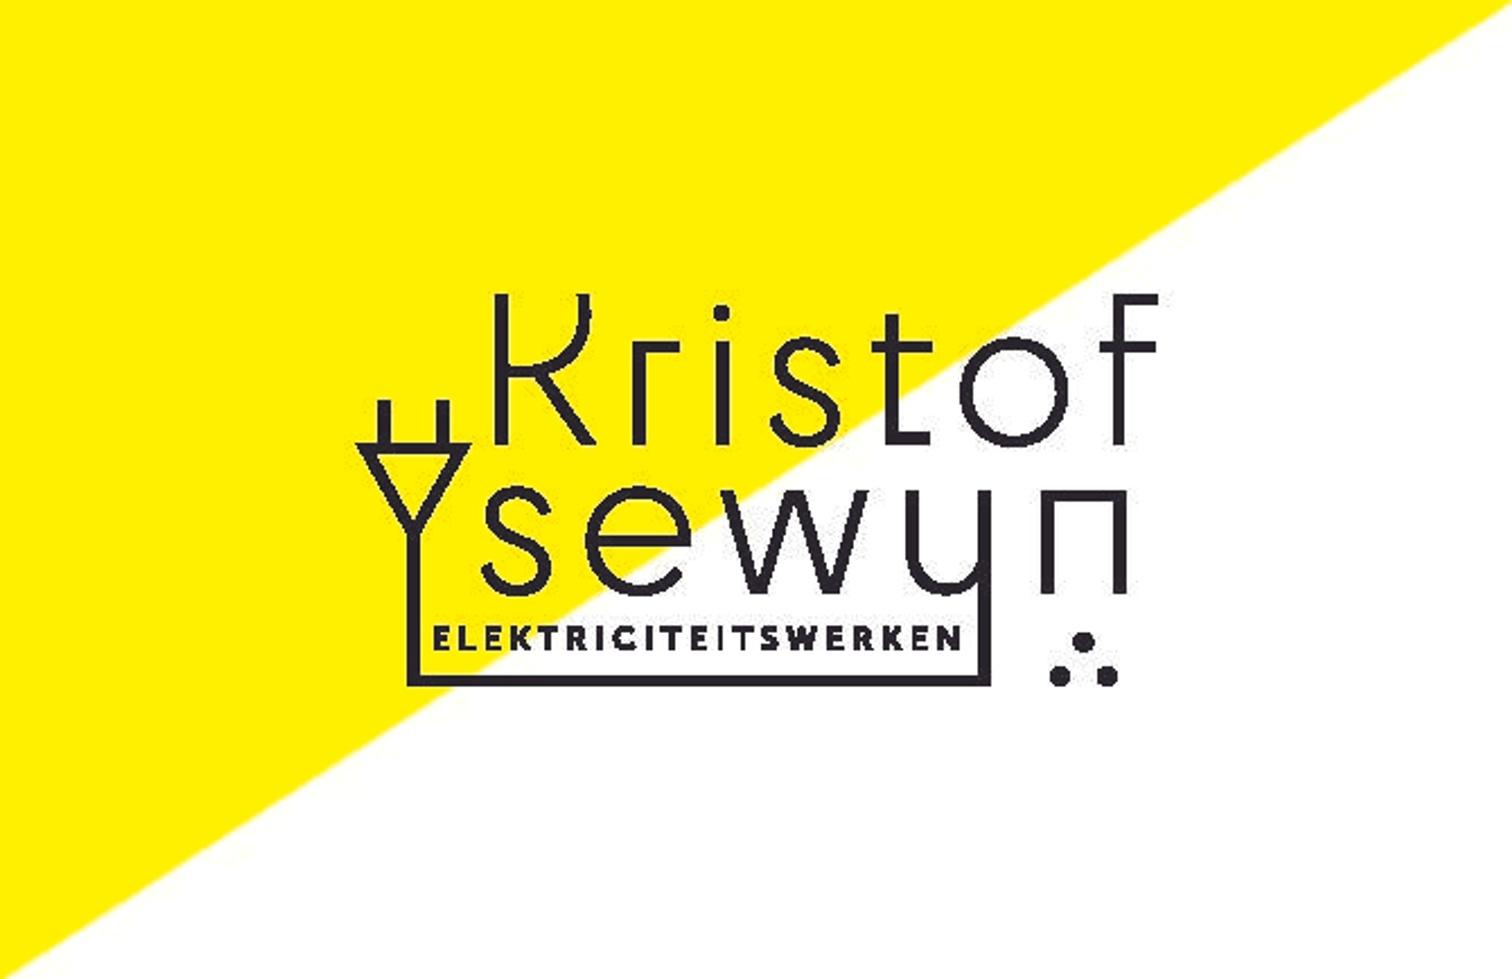 logo Elektriciteitswerken Kristof Ysewyn